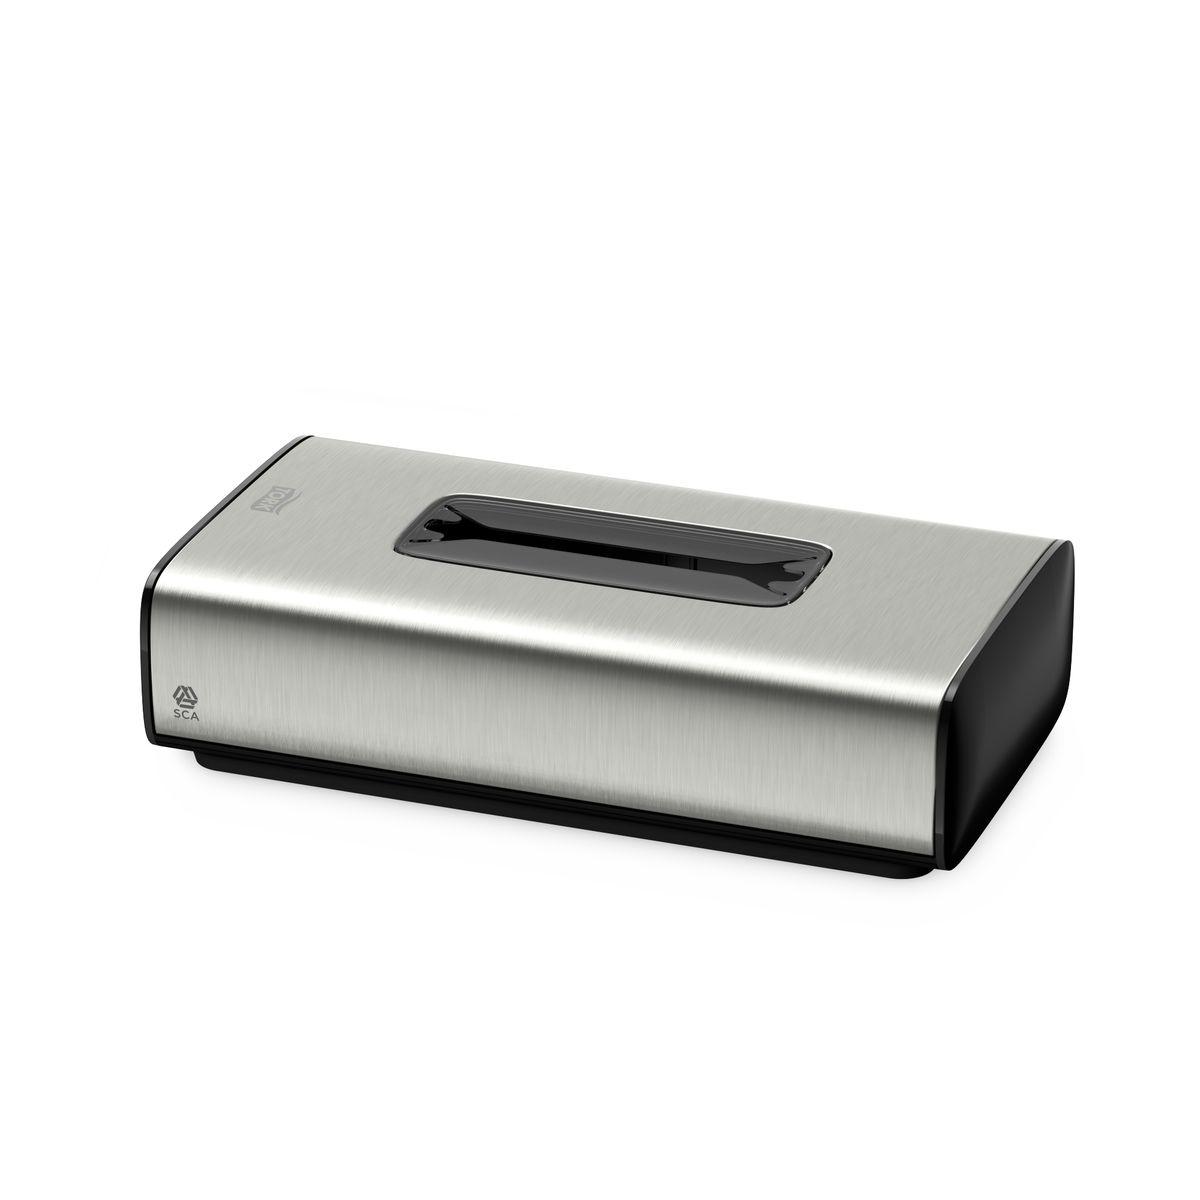 Диспенсер для бумажных полотенец Tork, цвет: металл. 460013460013Tork диспенсер для салфеток для лица обеспечивает фиксацию салфеток и защиту от повреждений и кражи, подходит для любой туалетной комнаты. Стильный дизайн - подходит к любой туалетной комнате.Имеет антискользящее покрытие.Возможность крепления на стену.